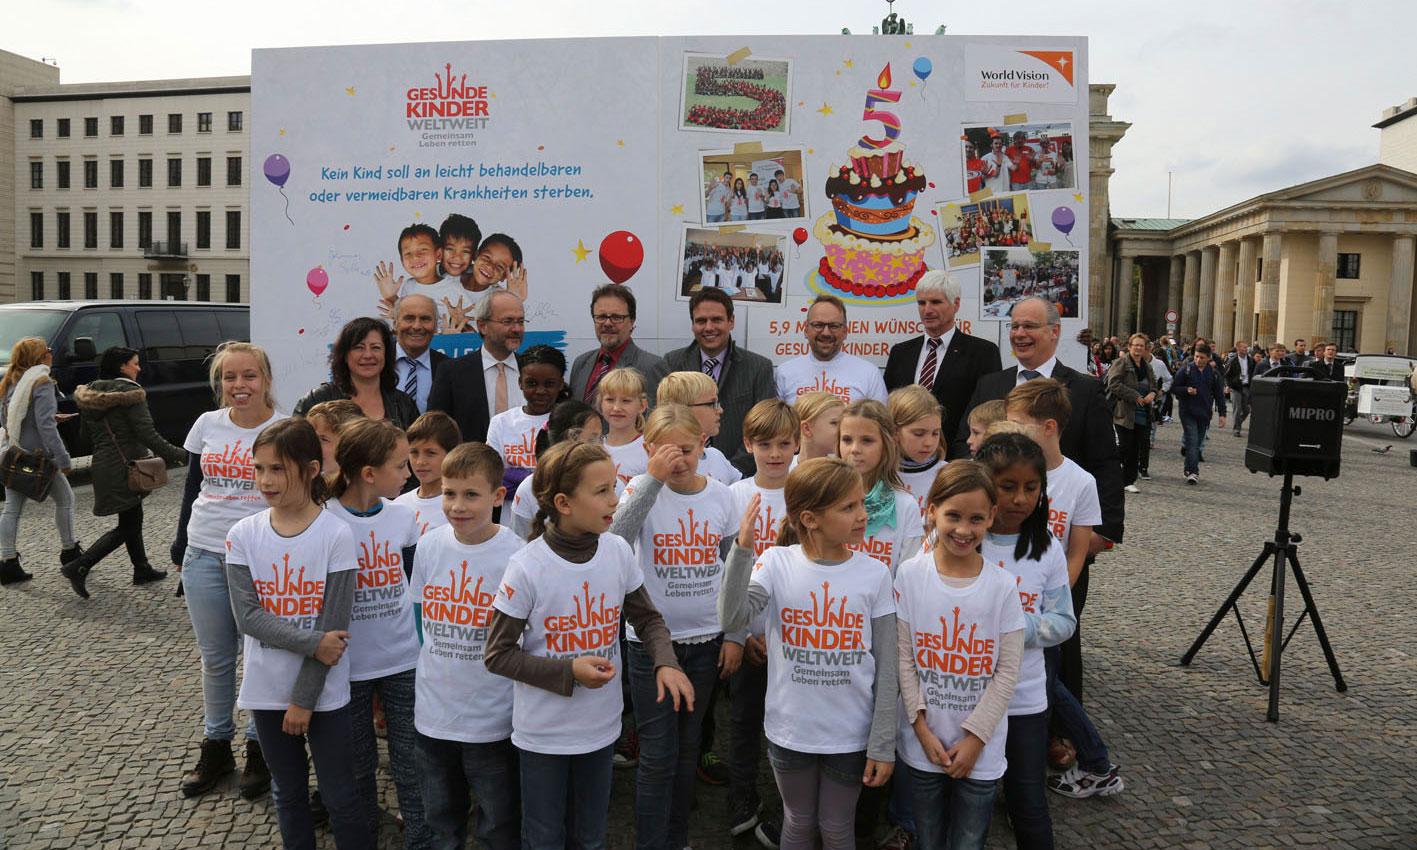 """Kampagne """"Gesunde Kinder weltweit"""", World Vision"""